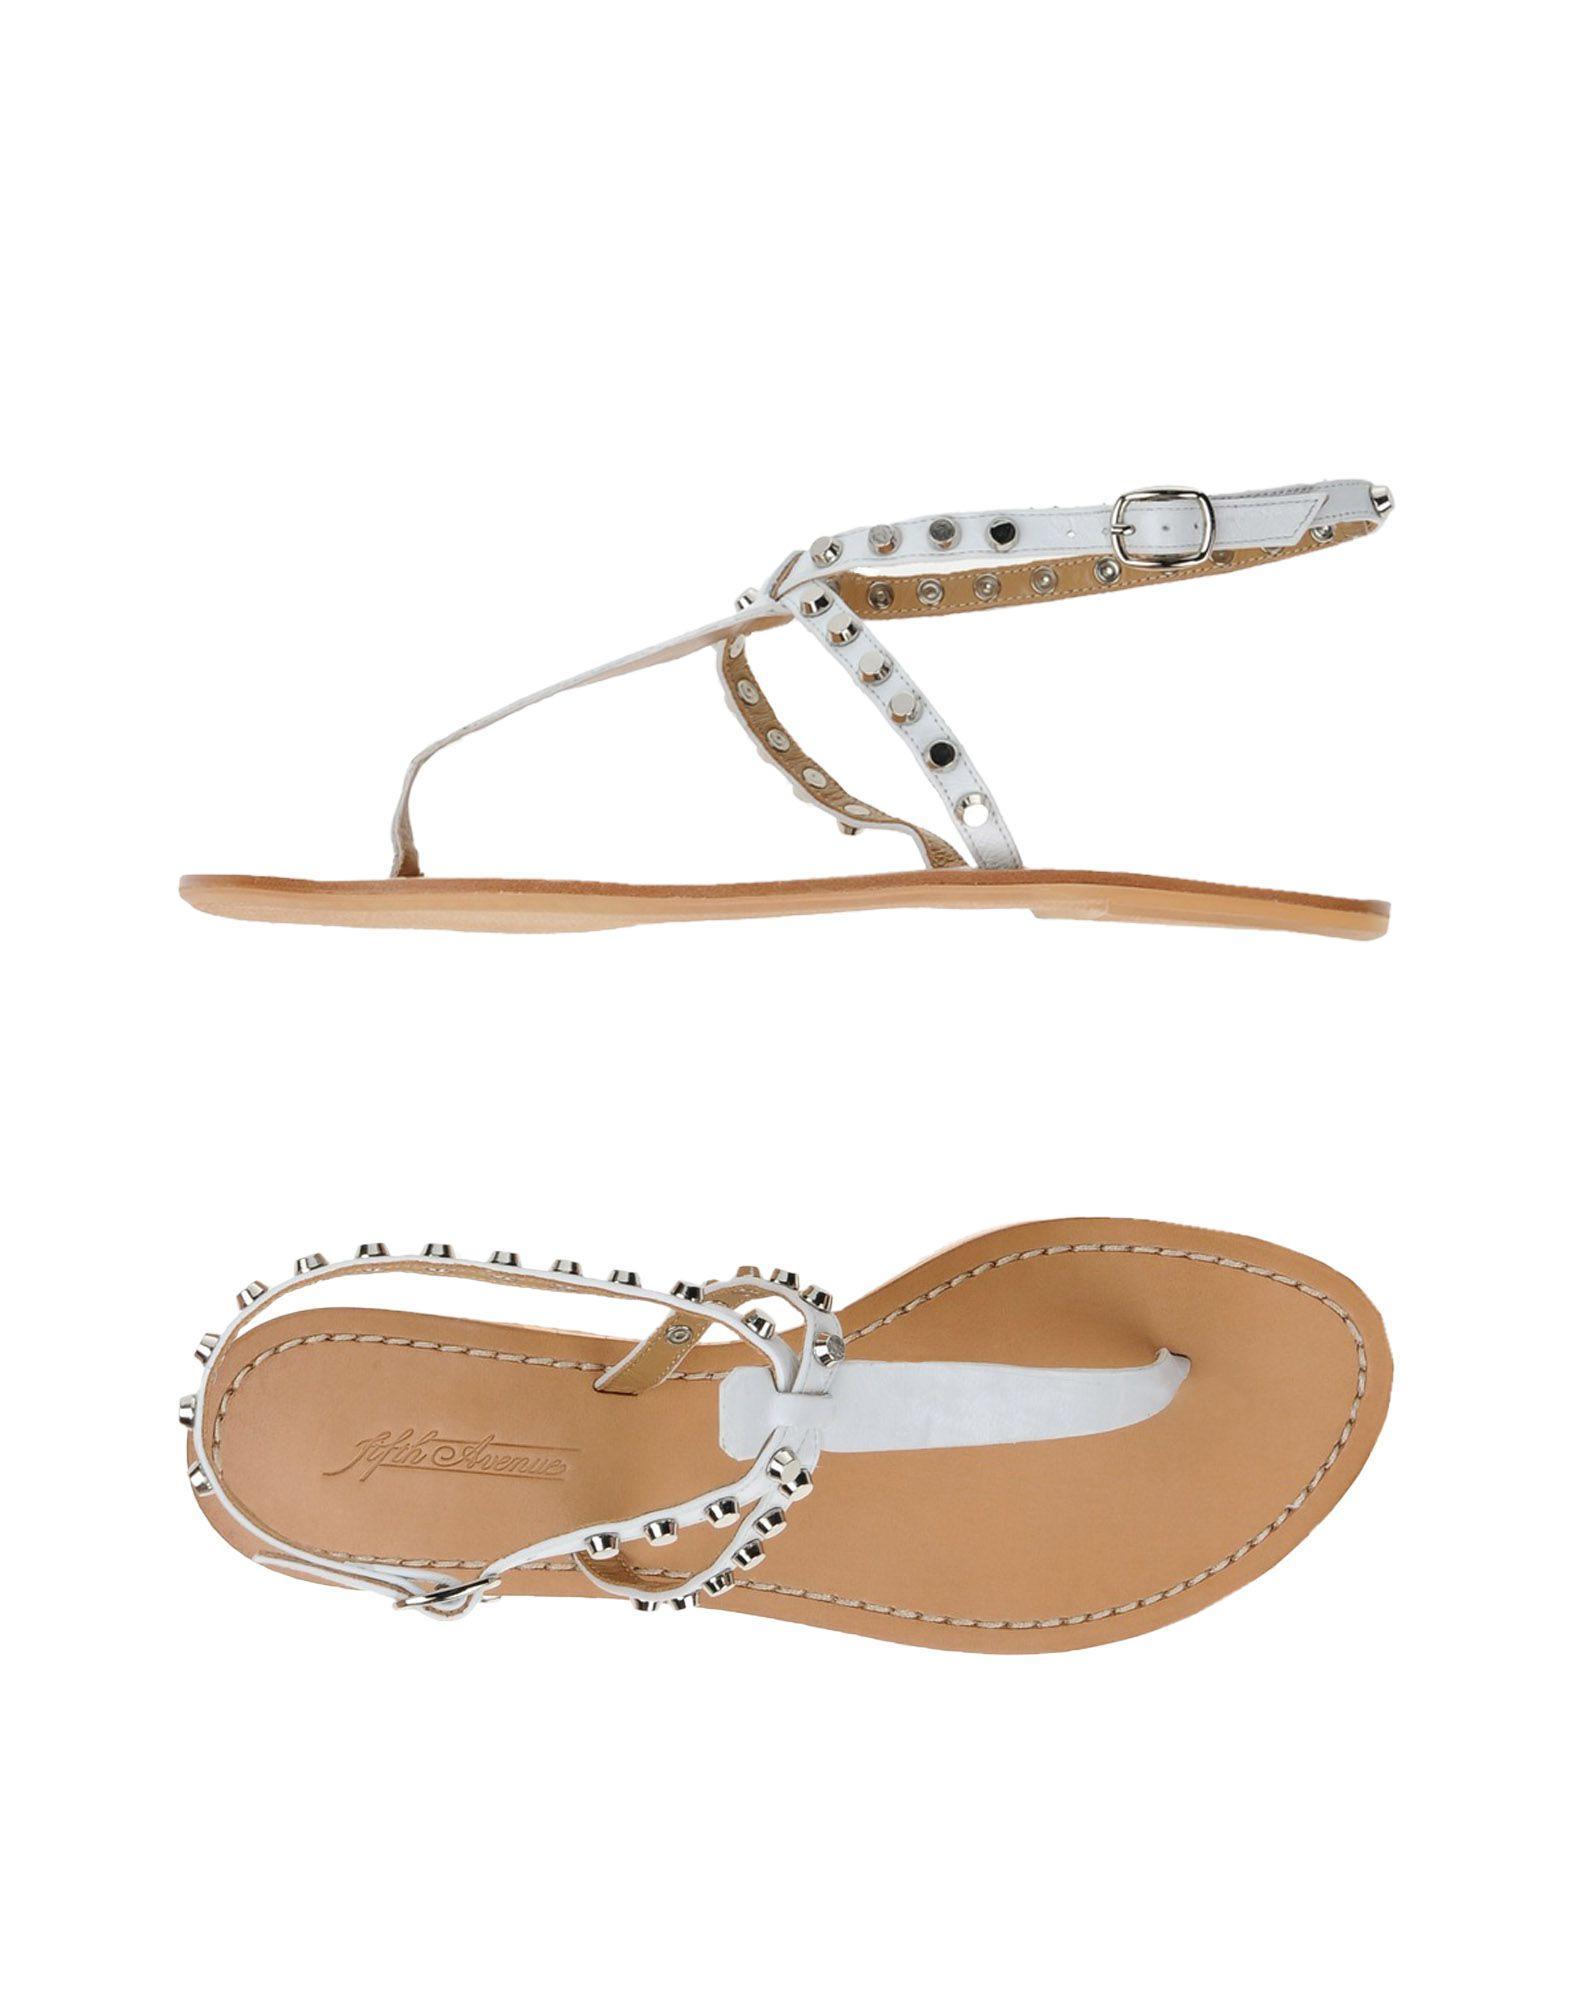 Steve Madden Shoe Repair